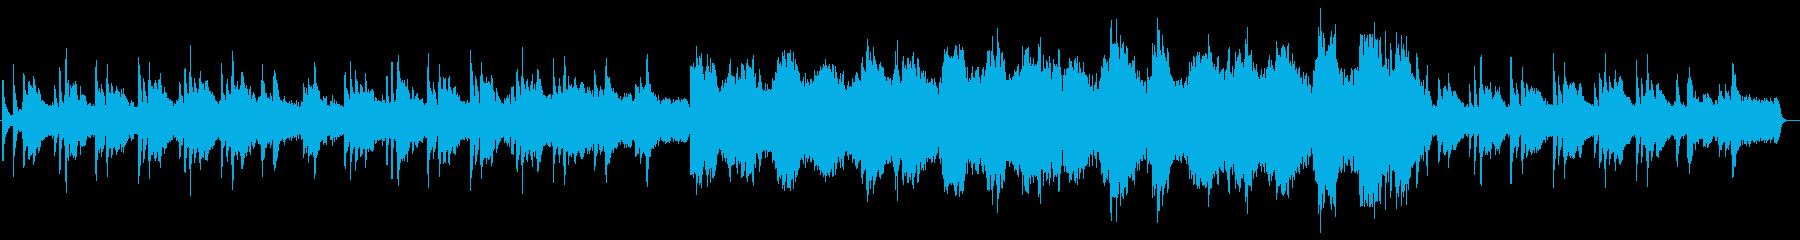 ピアノとストリングスの悲しいアンビエントの再生済みの波形